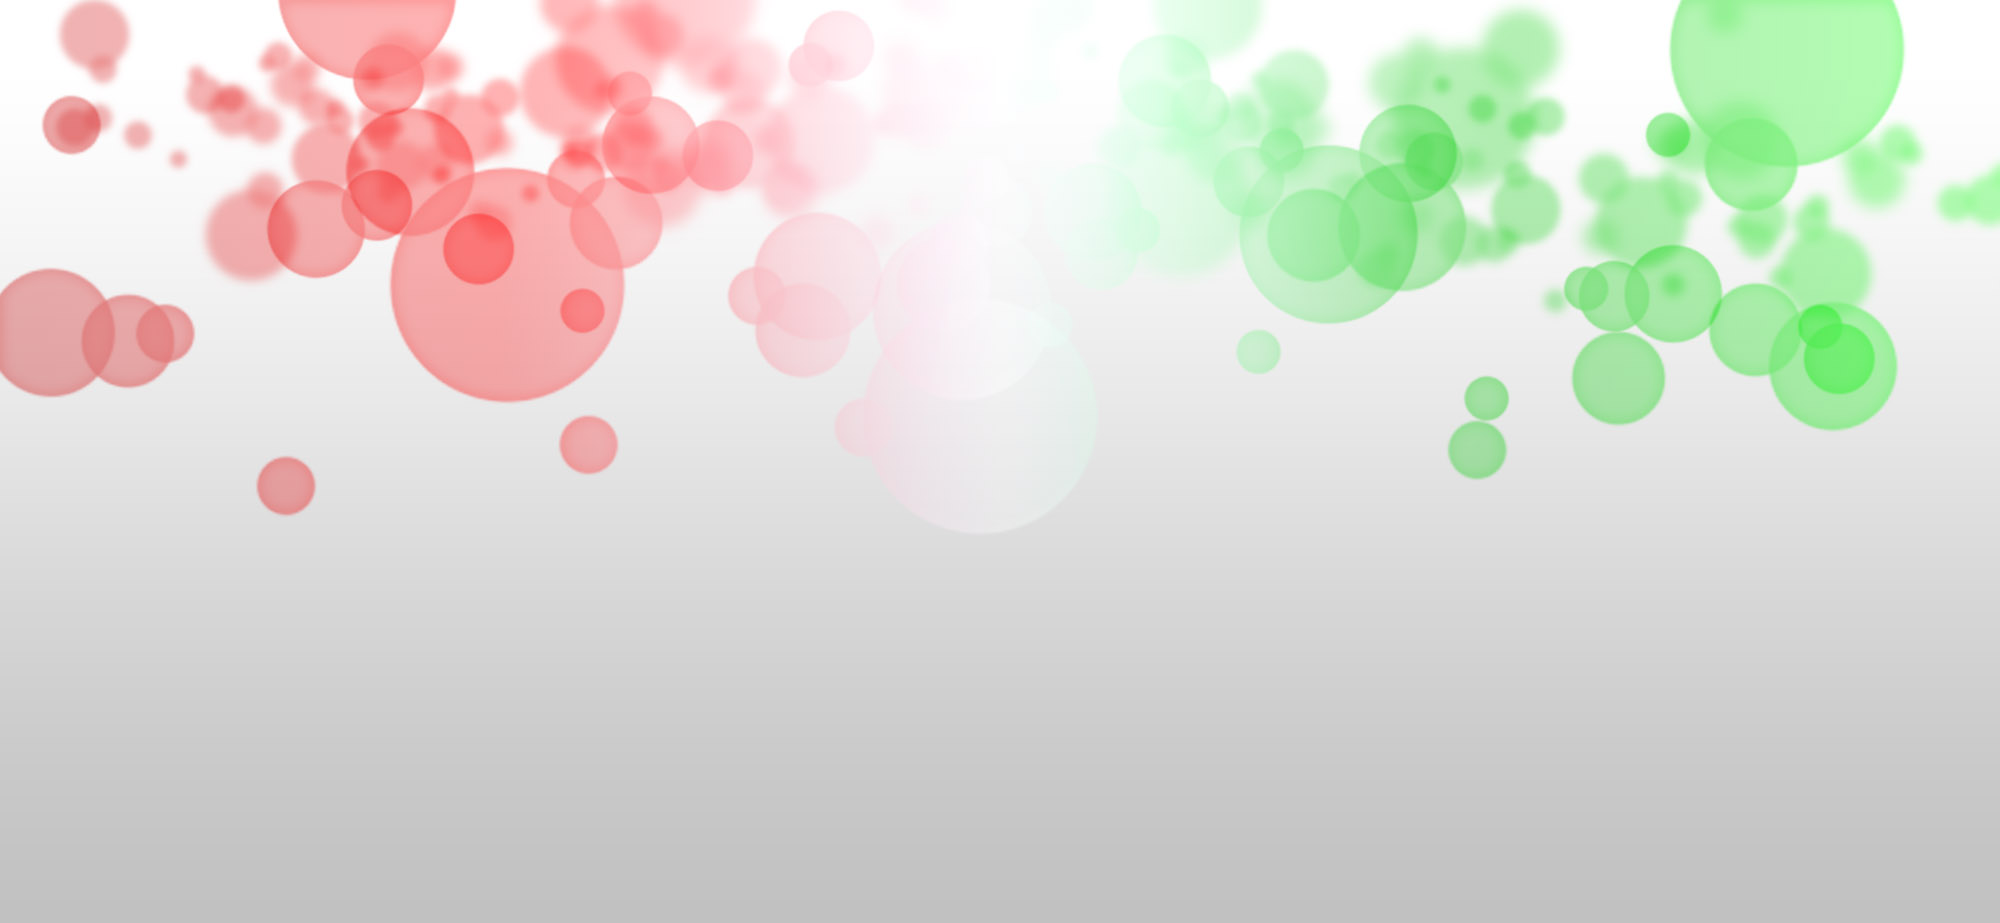 önéletrajz háttér hatter | A HAZA PÁRTJA honlapja önéletrajz háttér